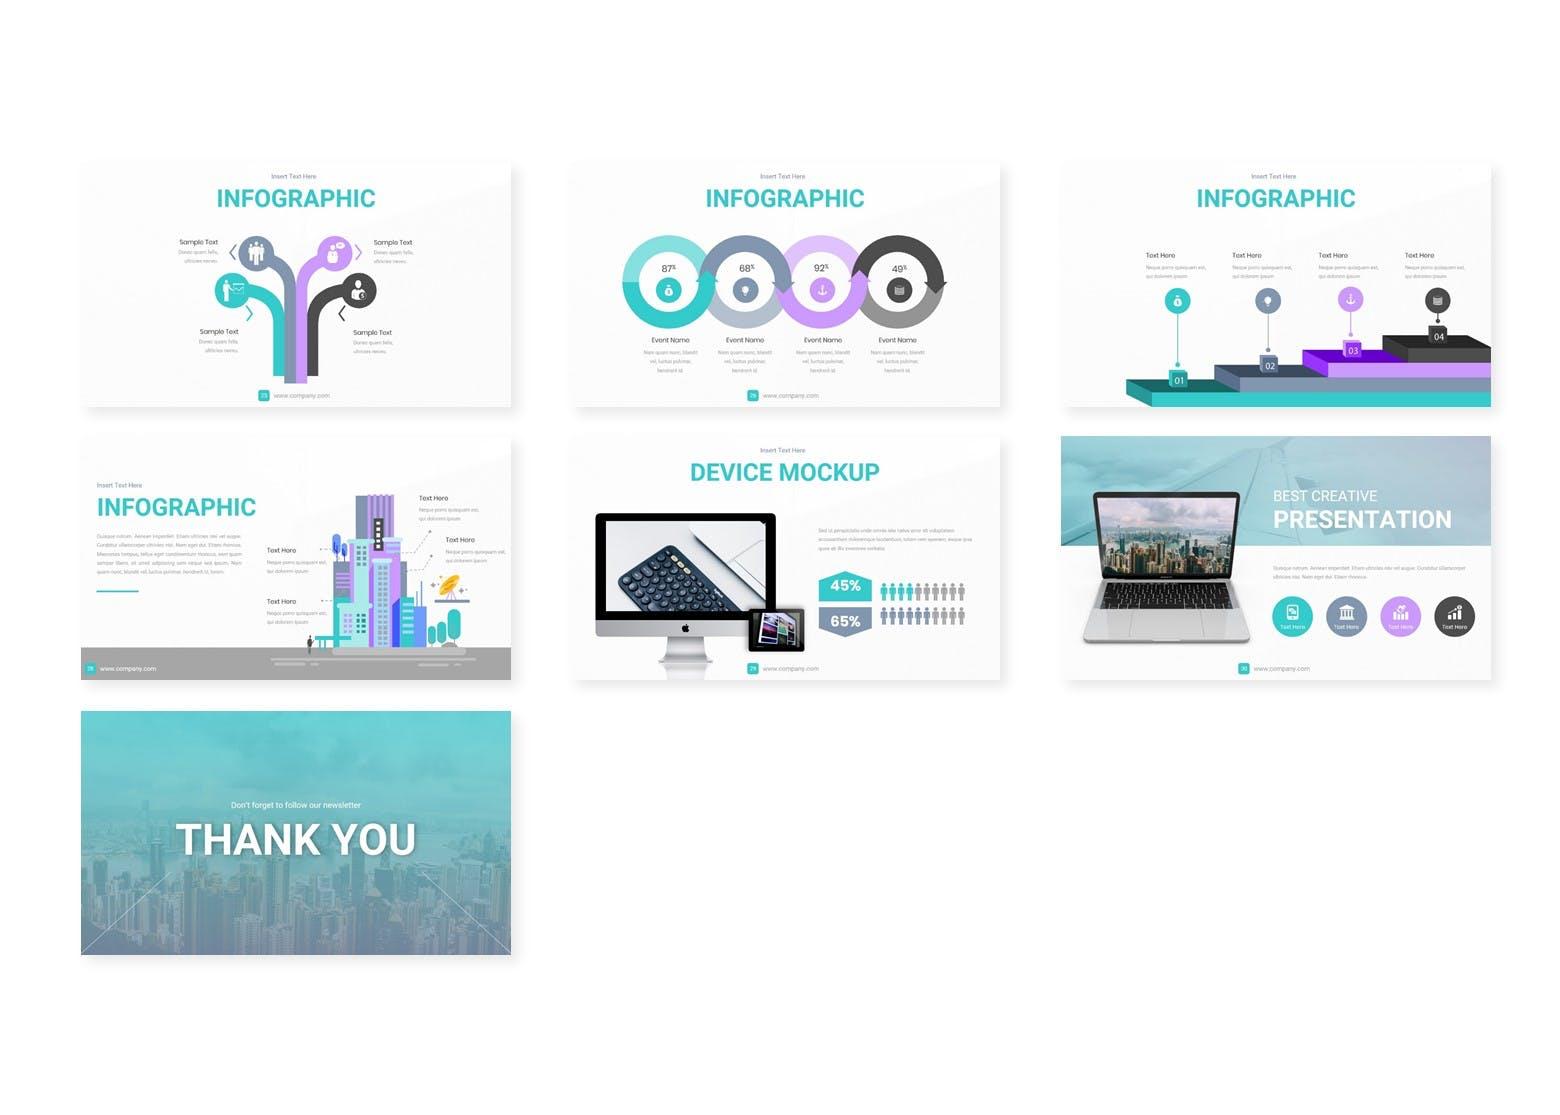 企业历史发展回顾主题演讲PPT幻灯片模板Meditera Keynote Template插图(3)